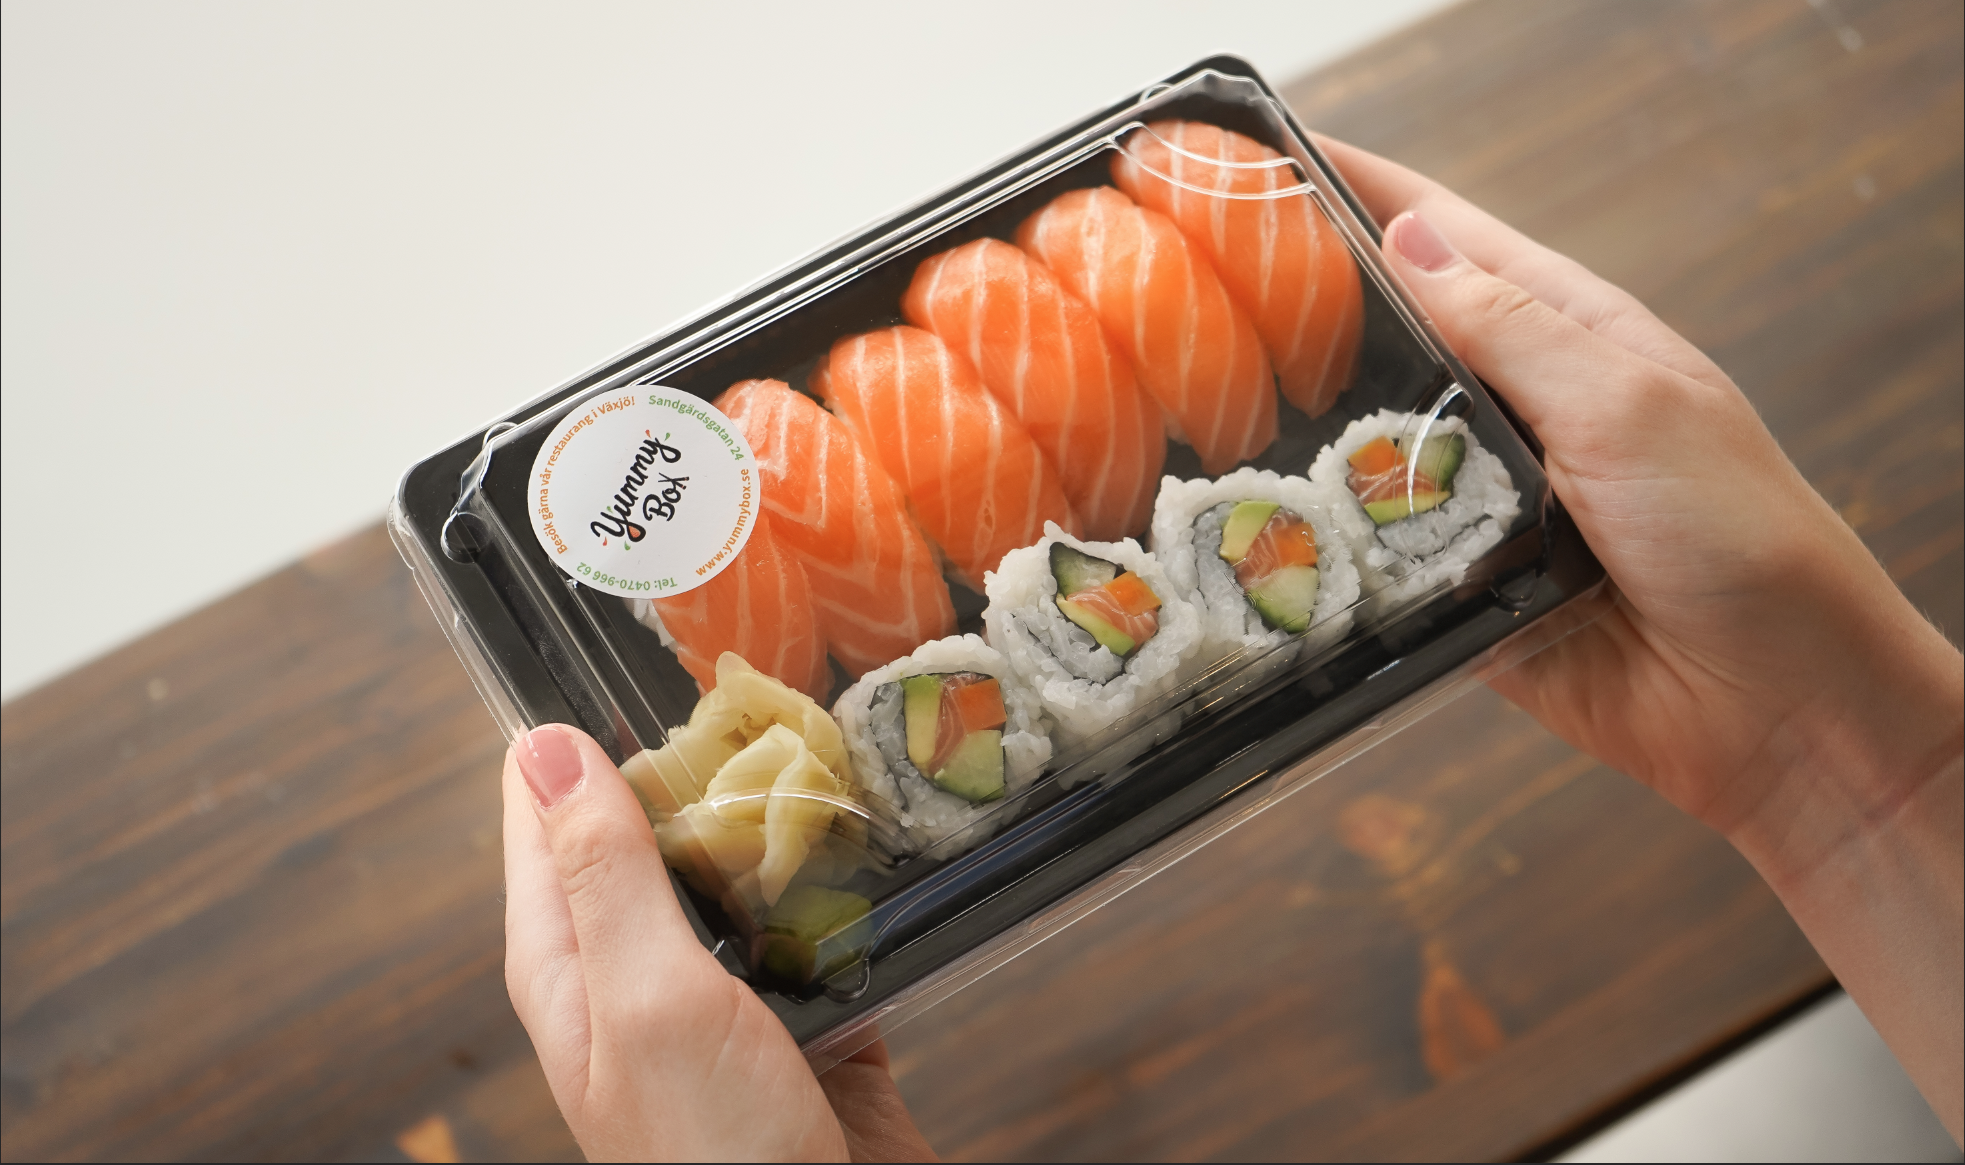 Visste du att Yummy Box även finns på ICA? - Efter många förfrågningar finns äntligen vår sushi på ICA Kvantum Norremark och Teleborg! Där hittar du dagens fräschaste sushilådor, som du snabbt och smidigt kan hämta upp när du är och handlar! Fungerar perfekt som matlåda till jobbet!